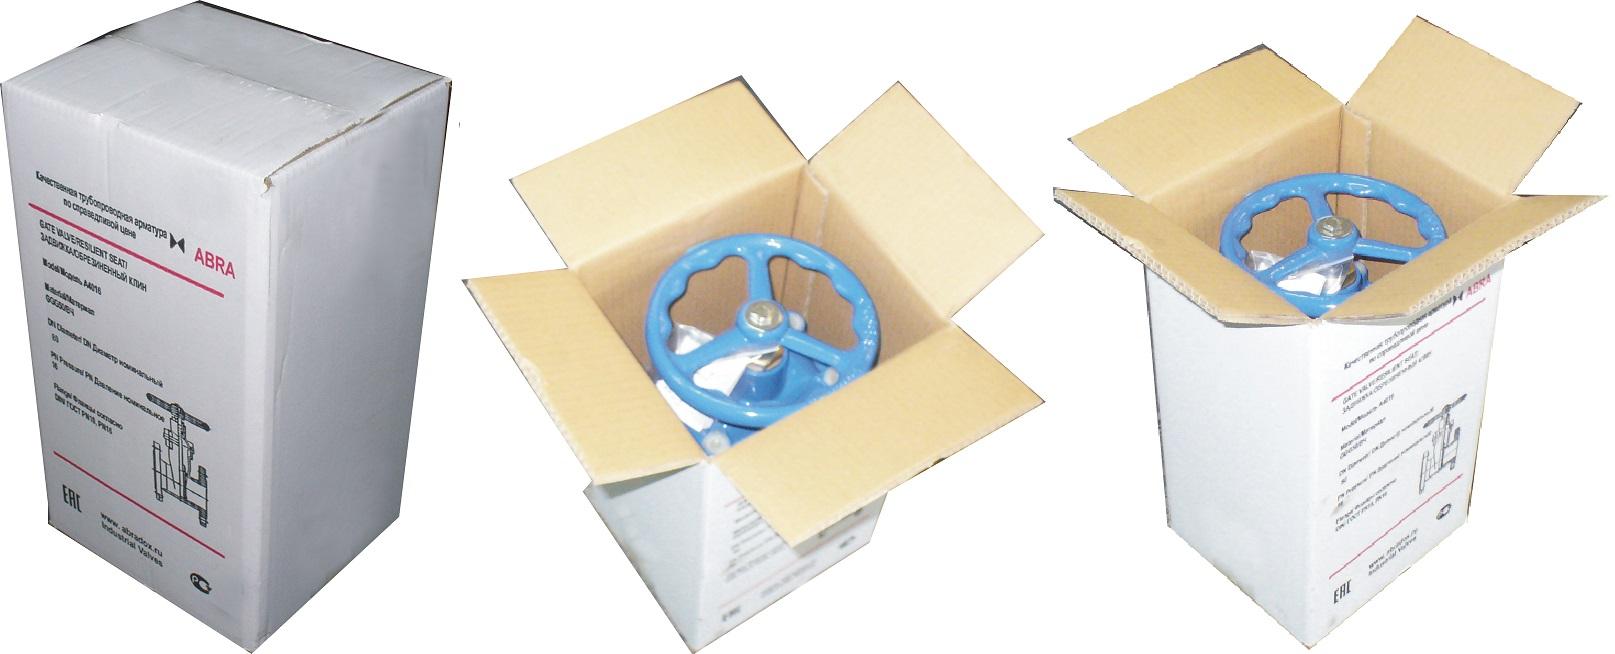 Упаковка стандартных обрезиненных задвижек ABRA малых и средних размеров